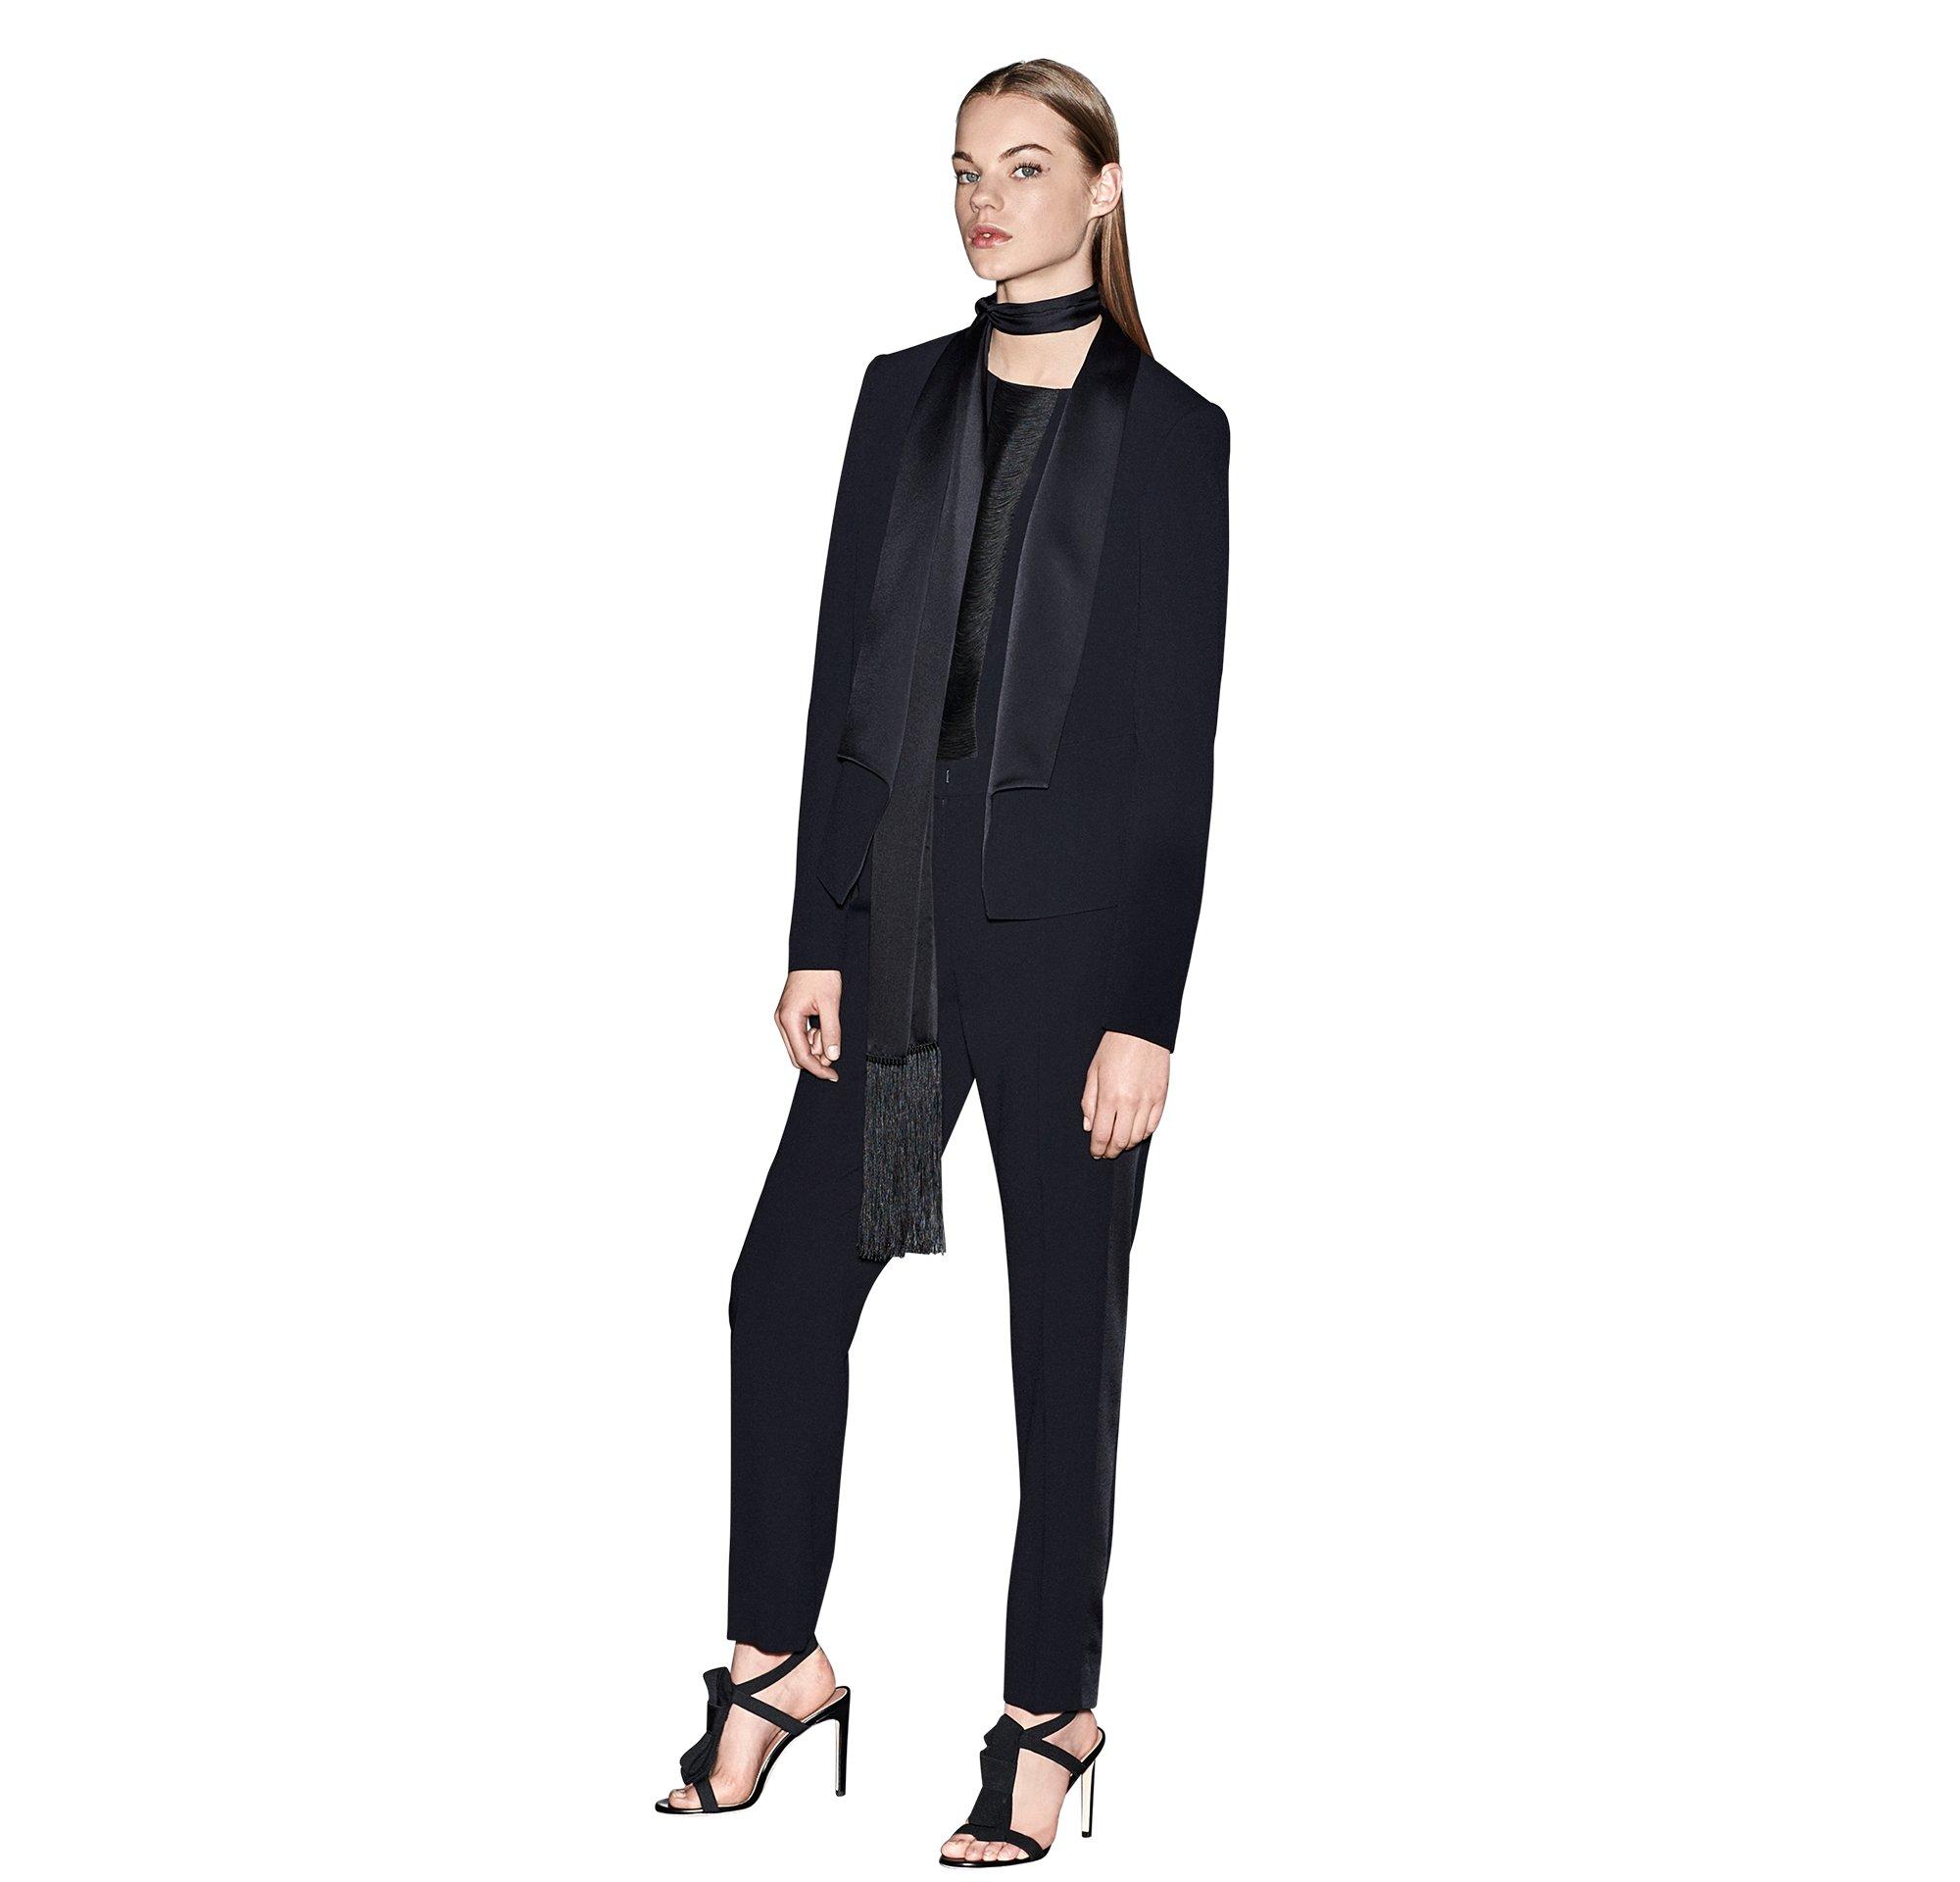 Zwarte smokingblazer, blouse, broek, sjaal en hoge hakken van BOSS